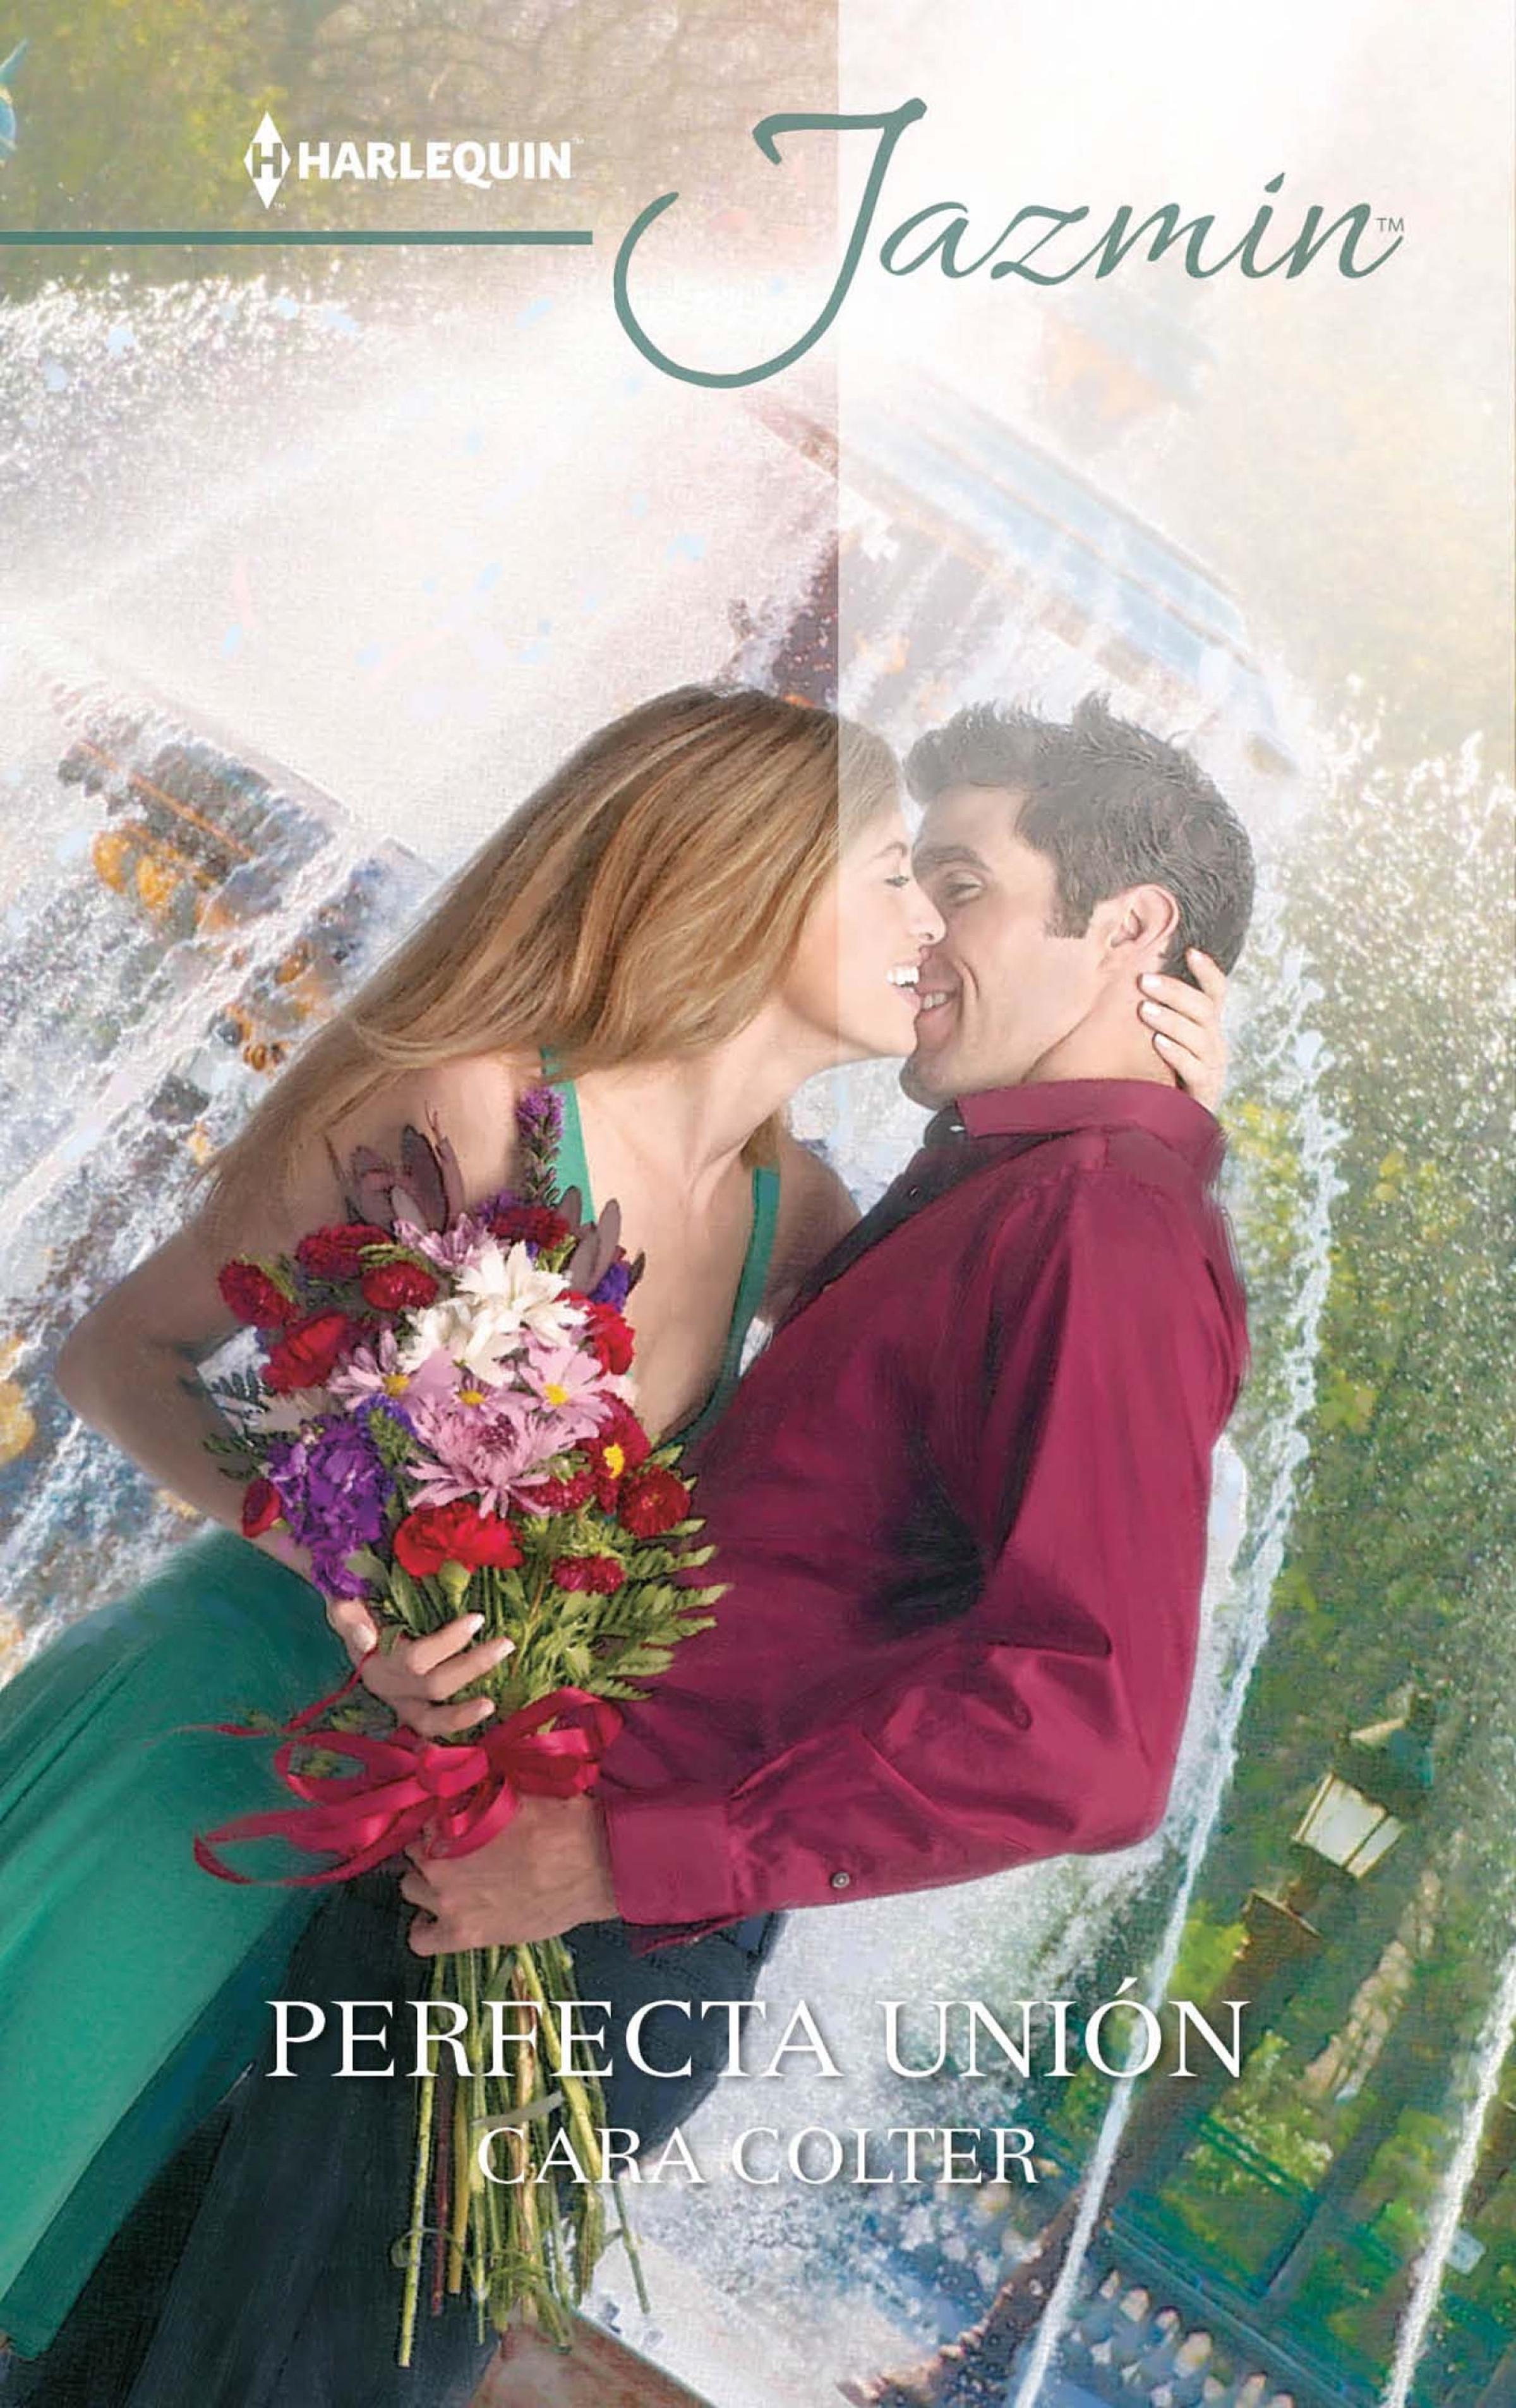 Cara Colter Perfecta unión cara colter weddings do come true